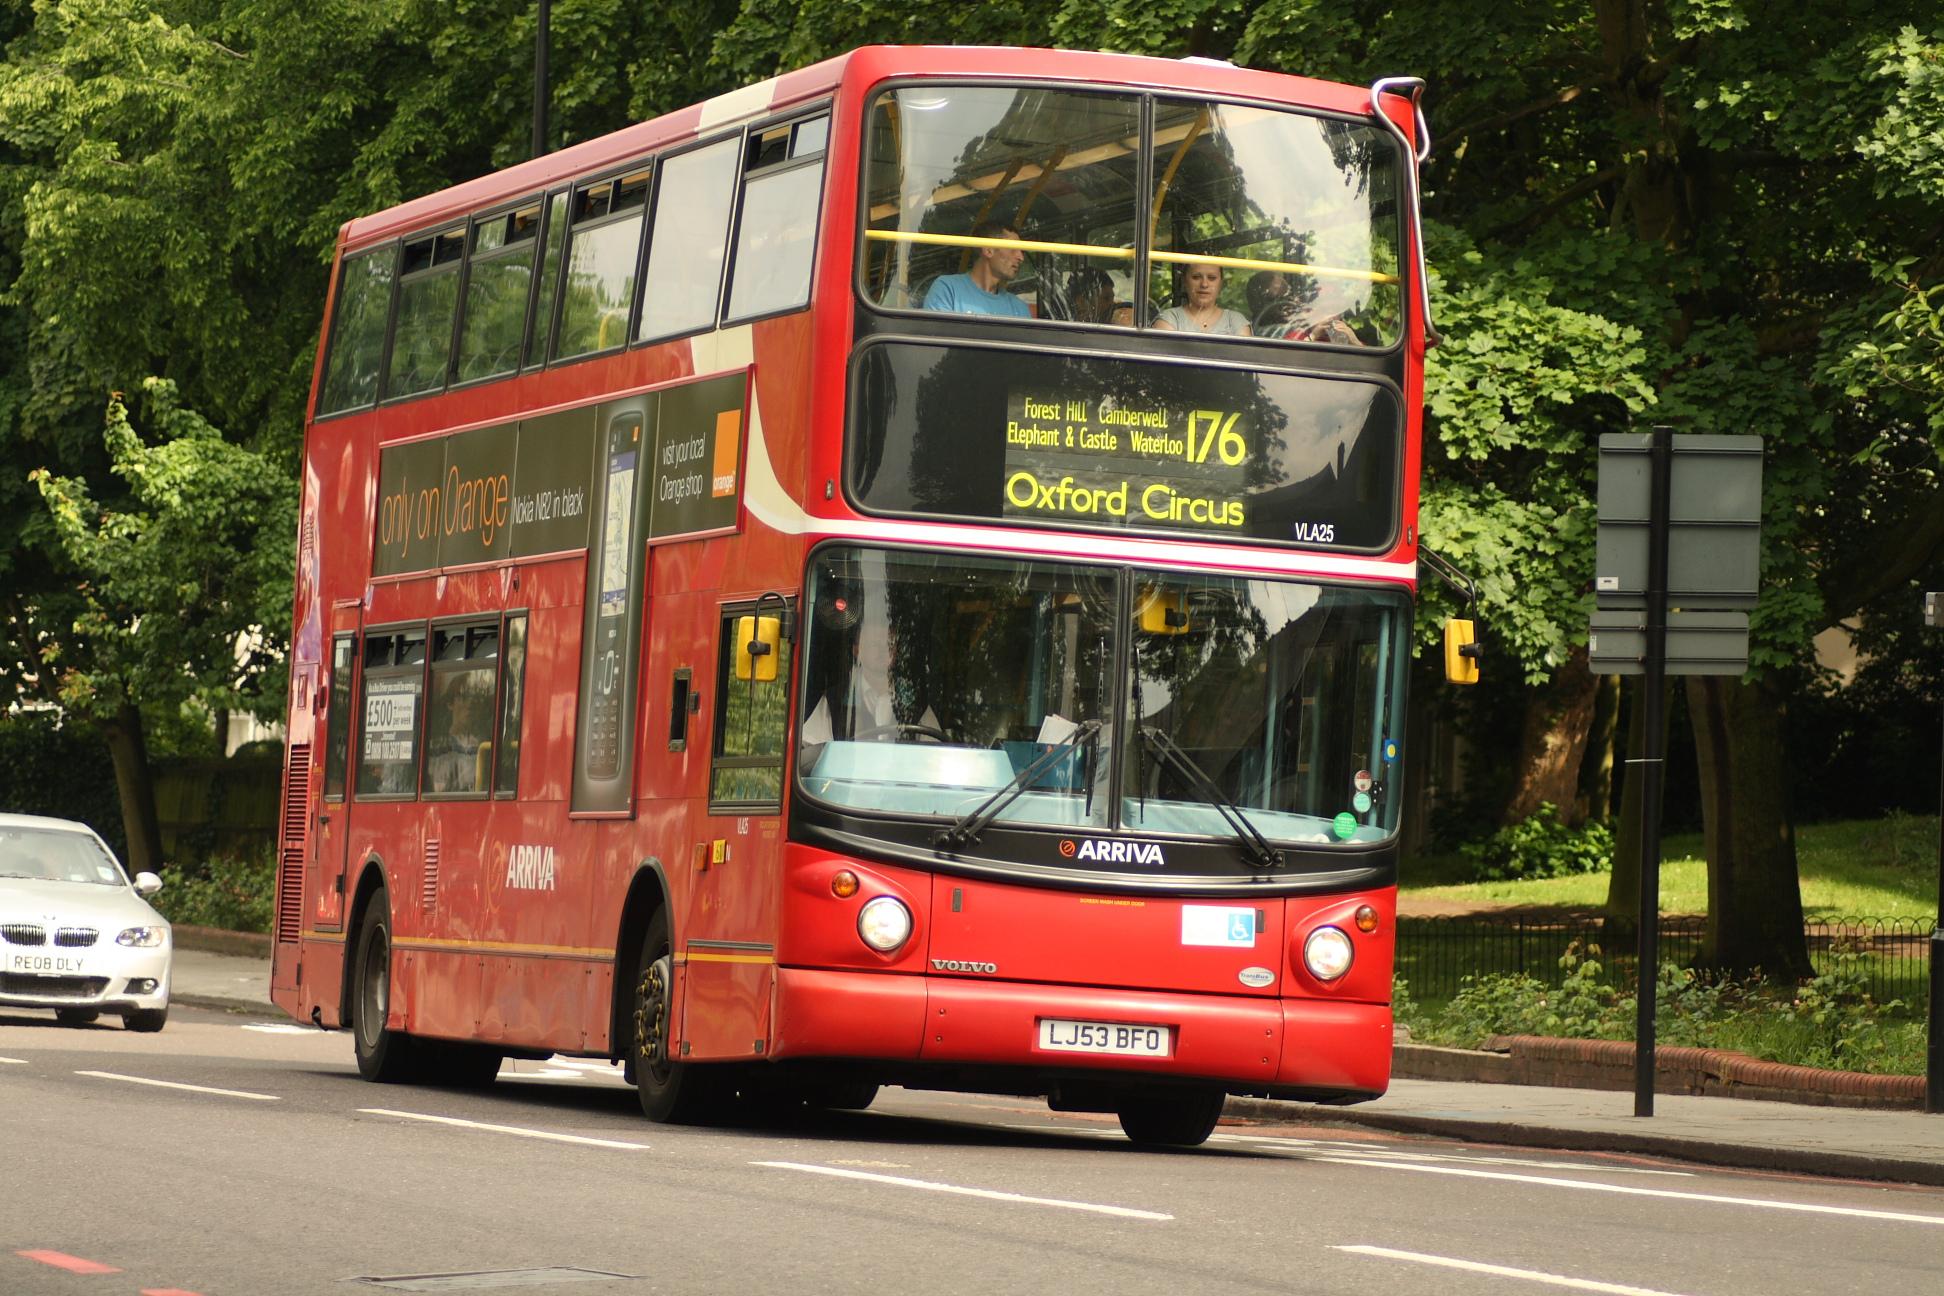 Description London Bus route 176jpg ps9GWNTy